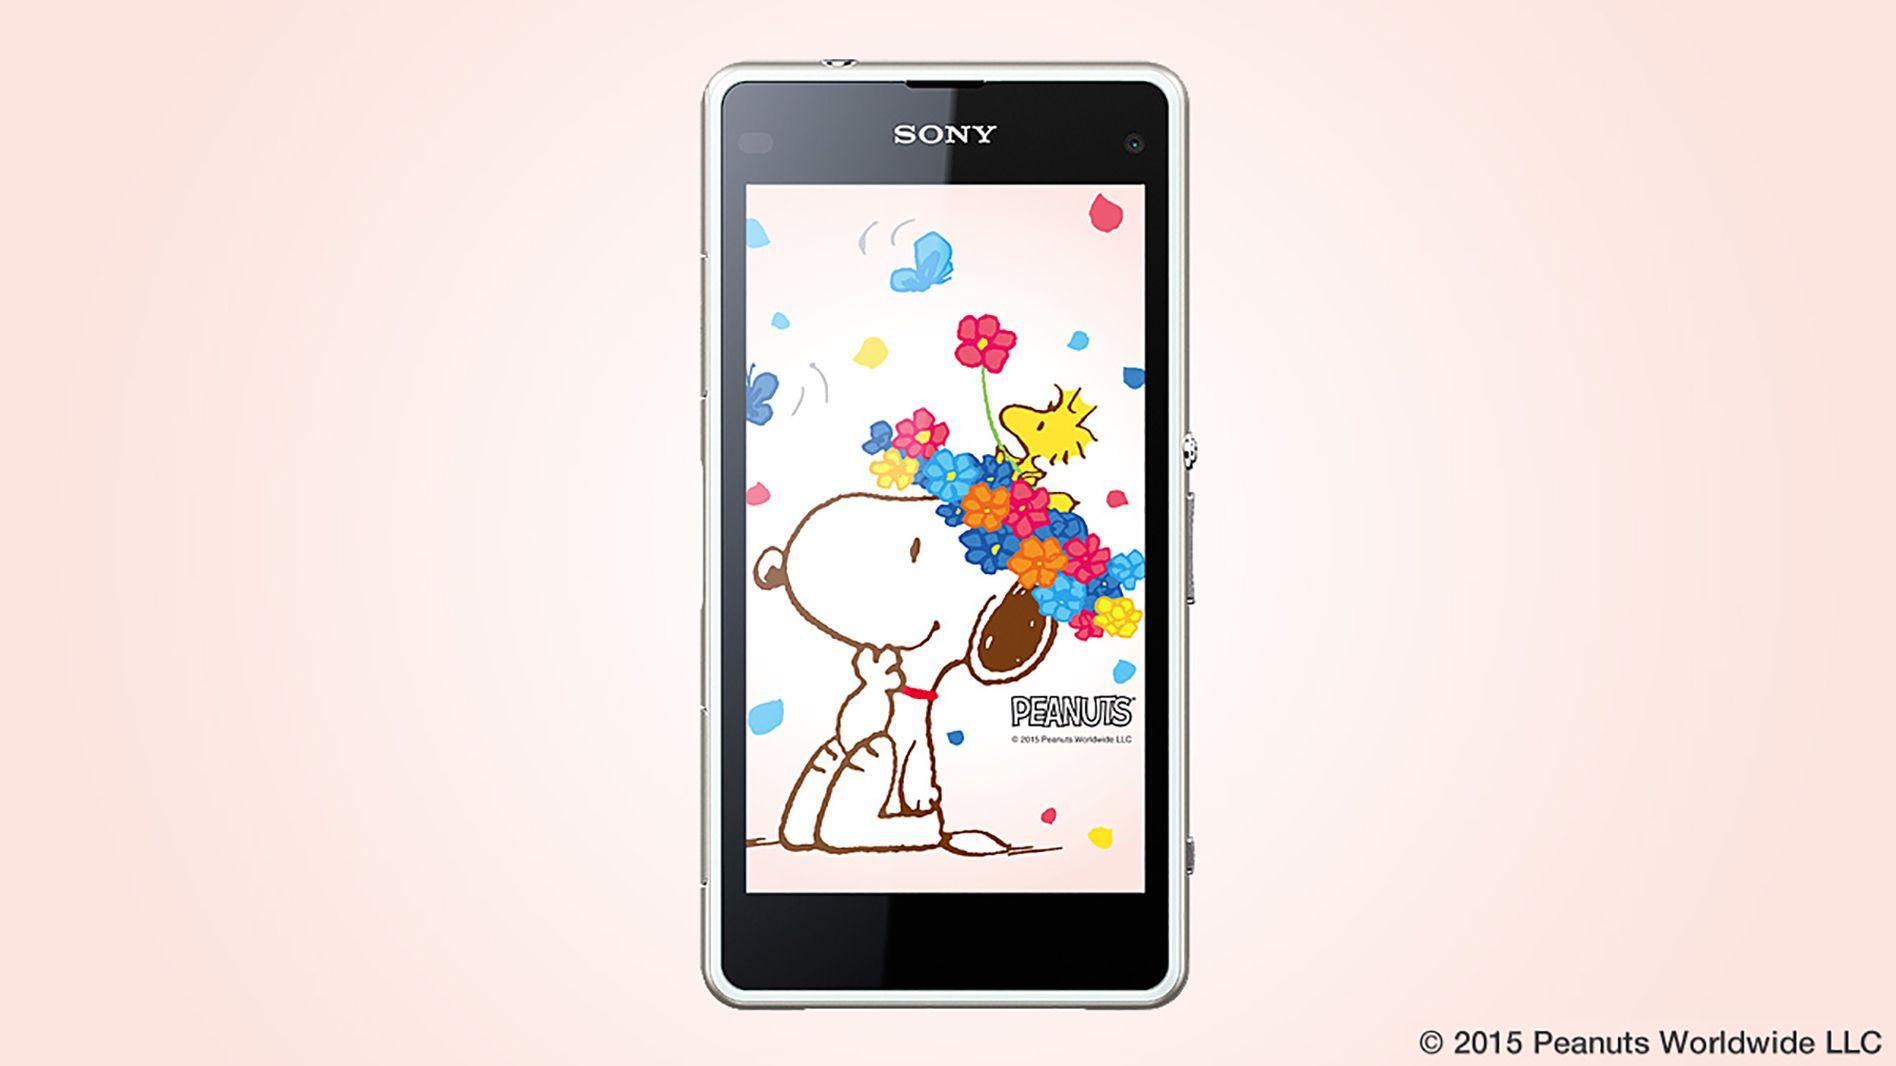 日系 Sony Xperia J1 Compact - Snoopy 版手機登場   香港 unwire.hk 玩生活.樂科技